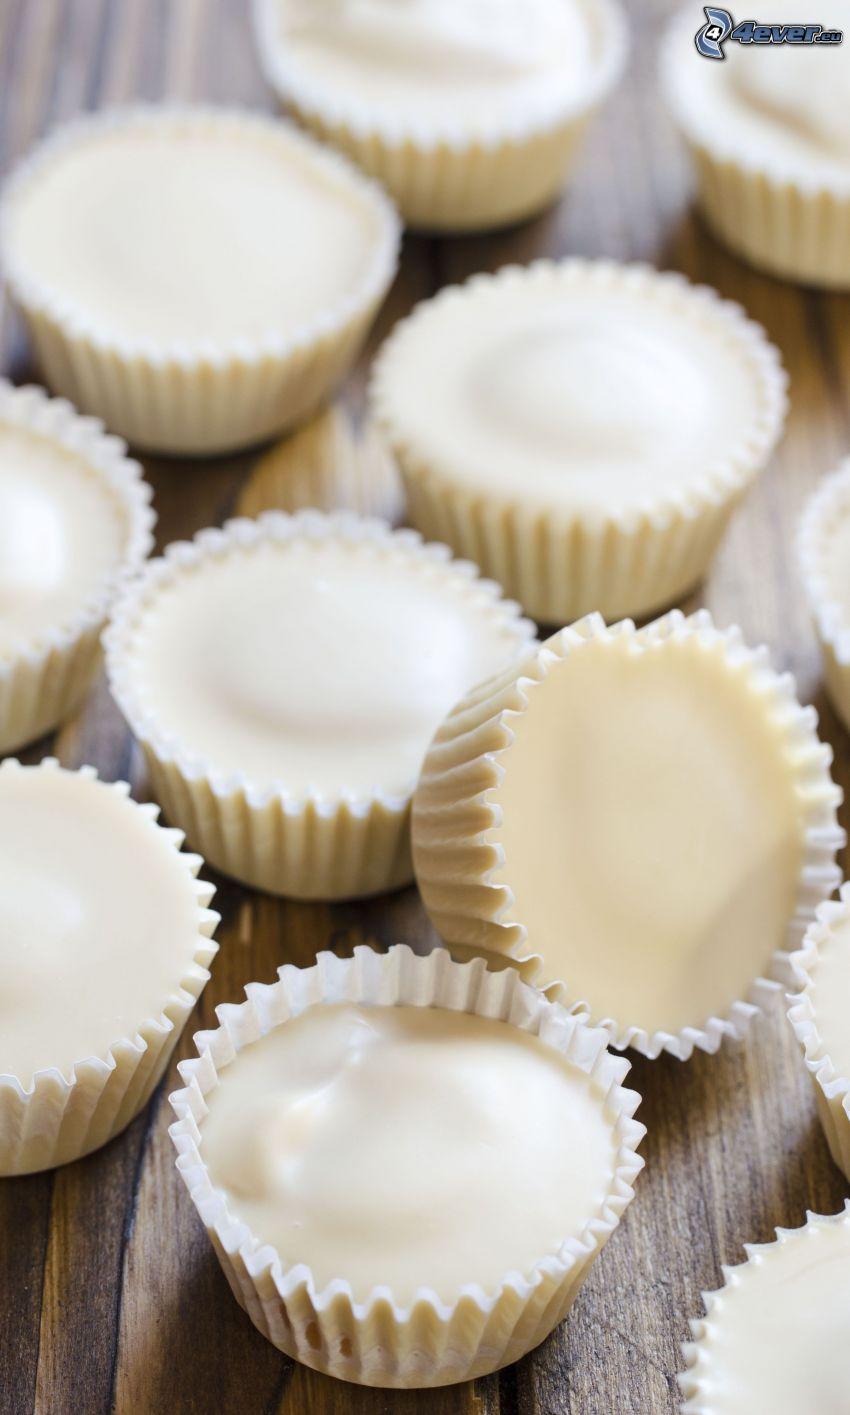 Muffin, cioccolata bianca